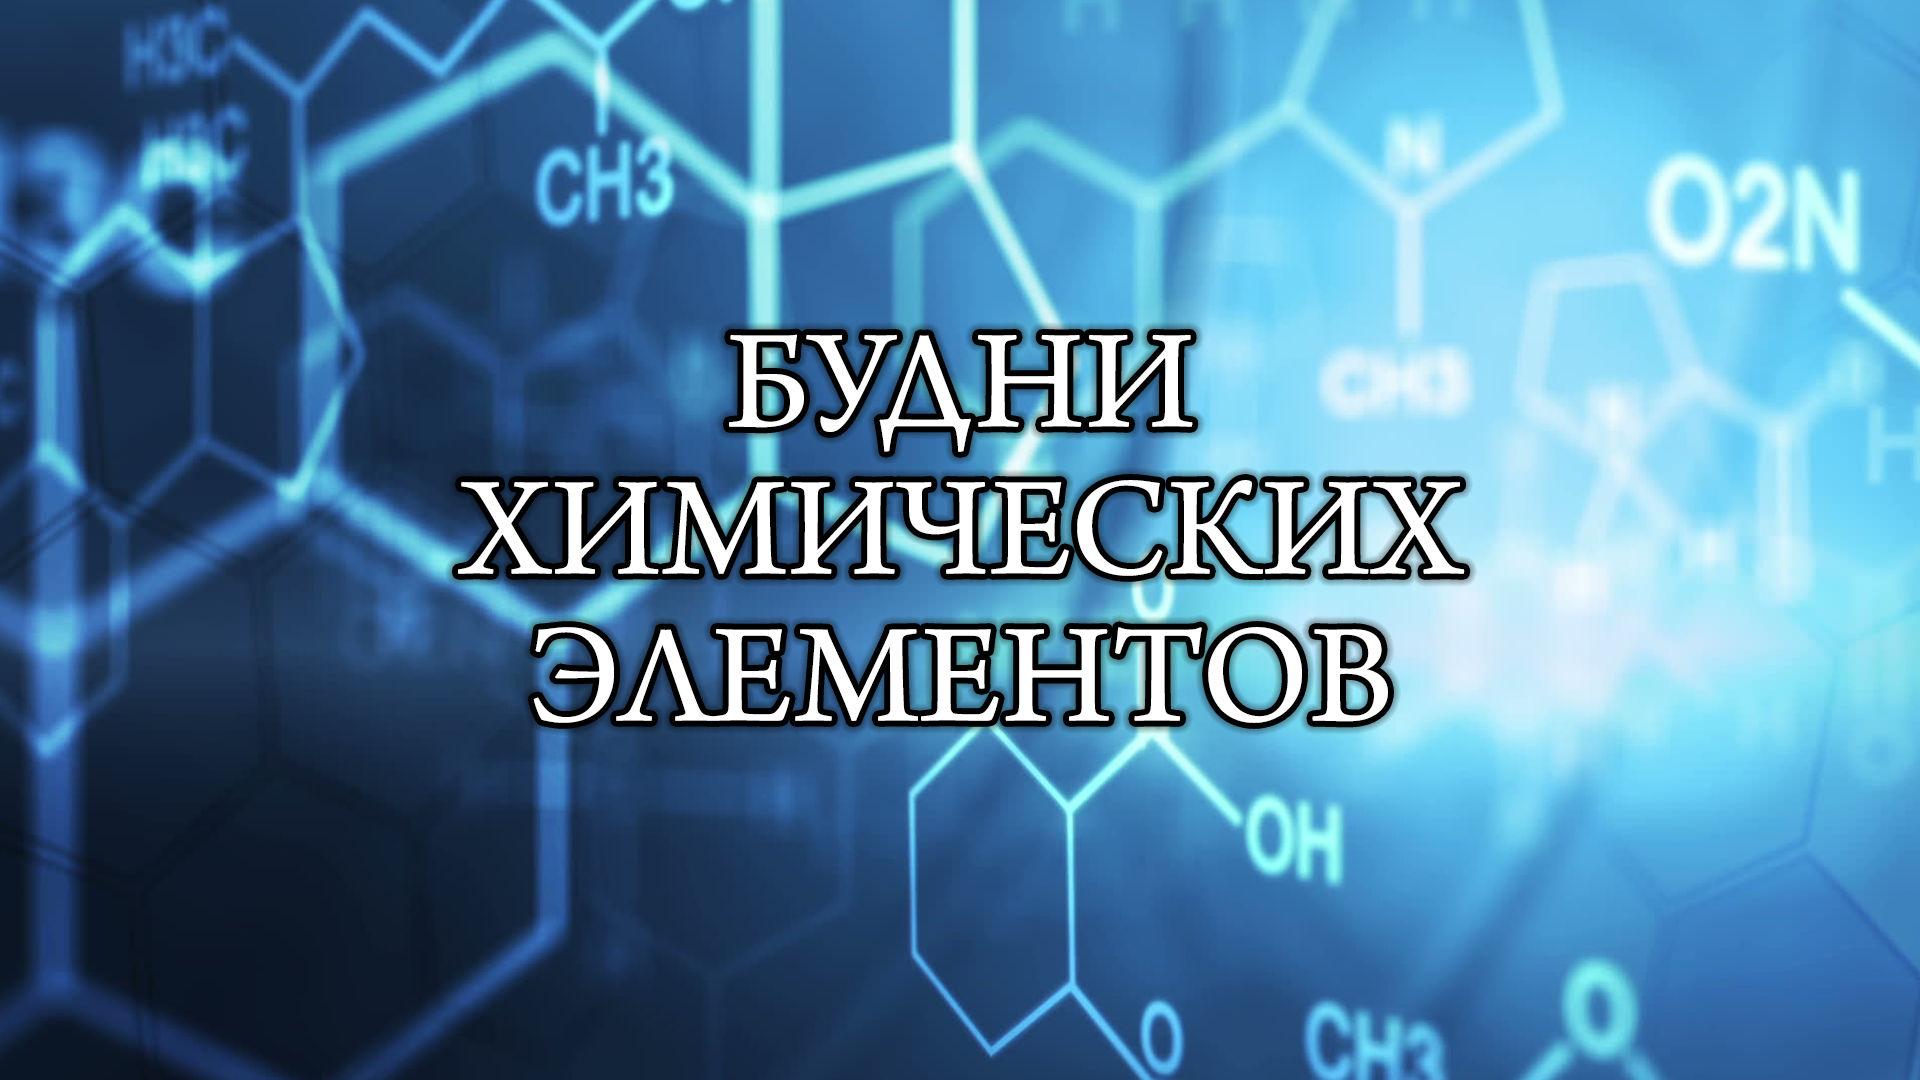 Будни химических элементов